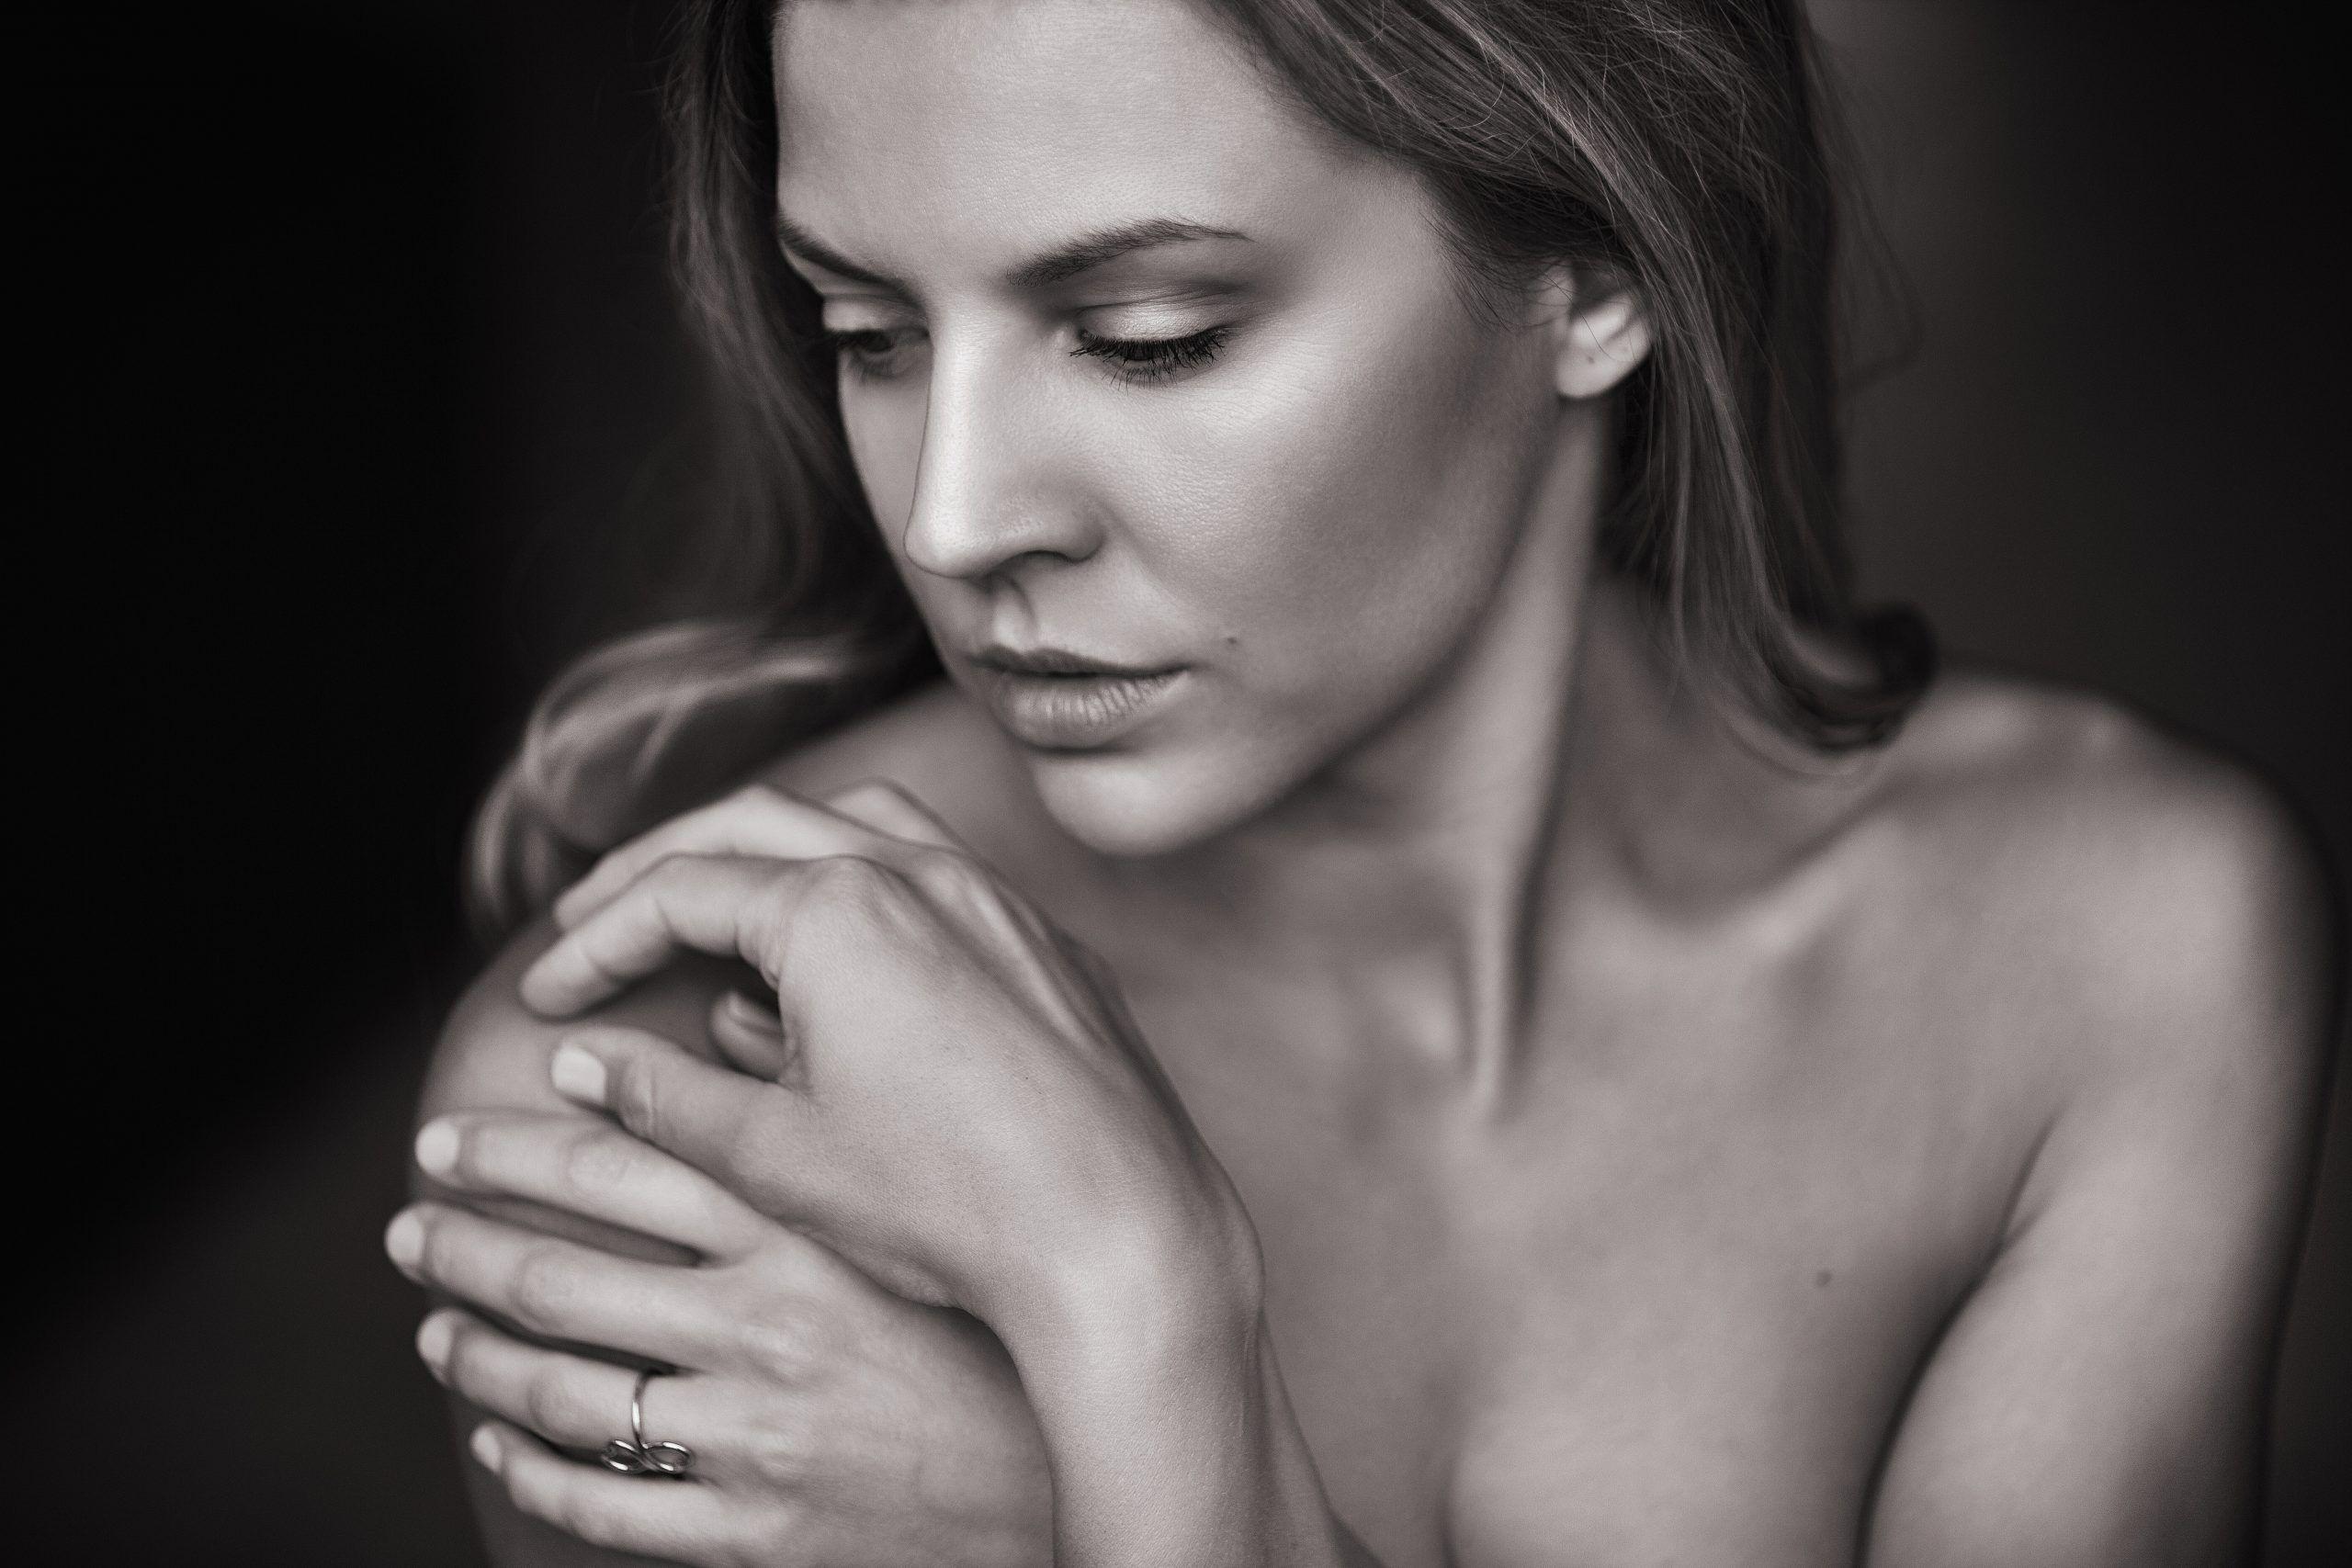 mujer pechos cirugía